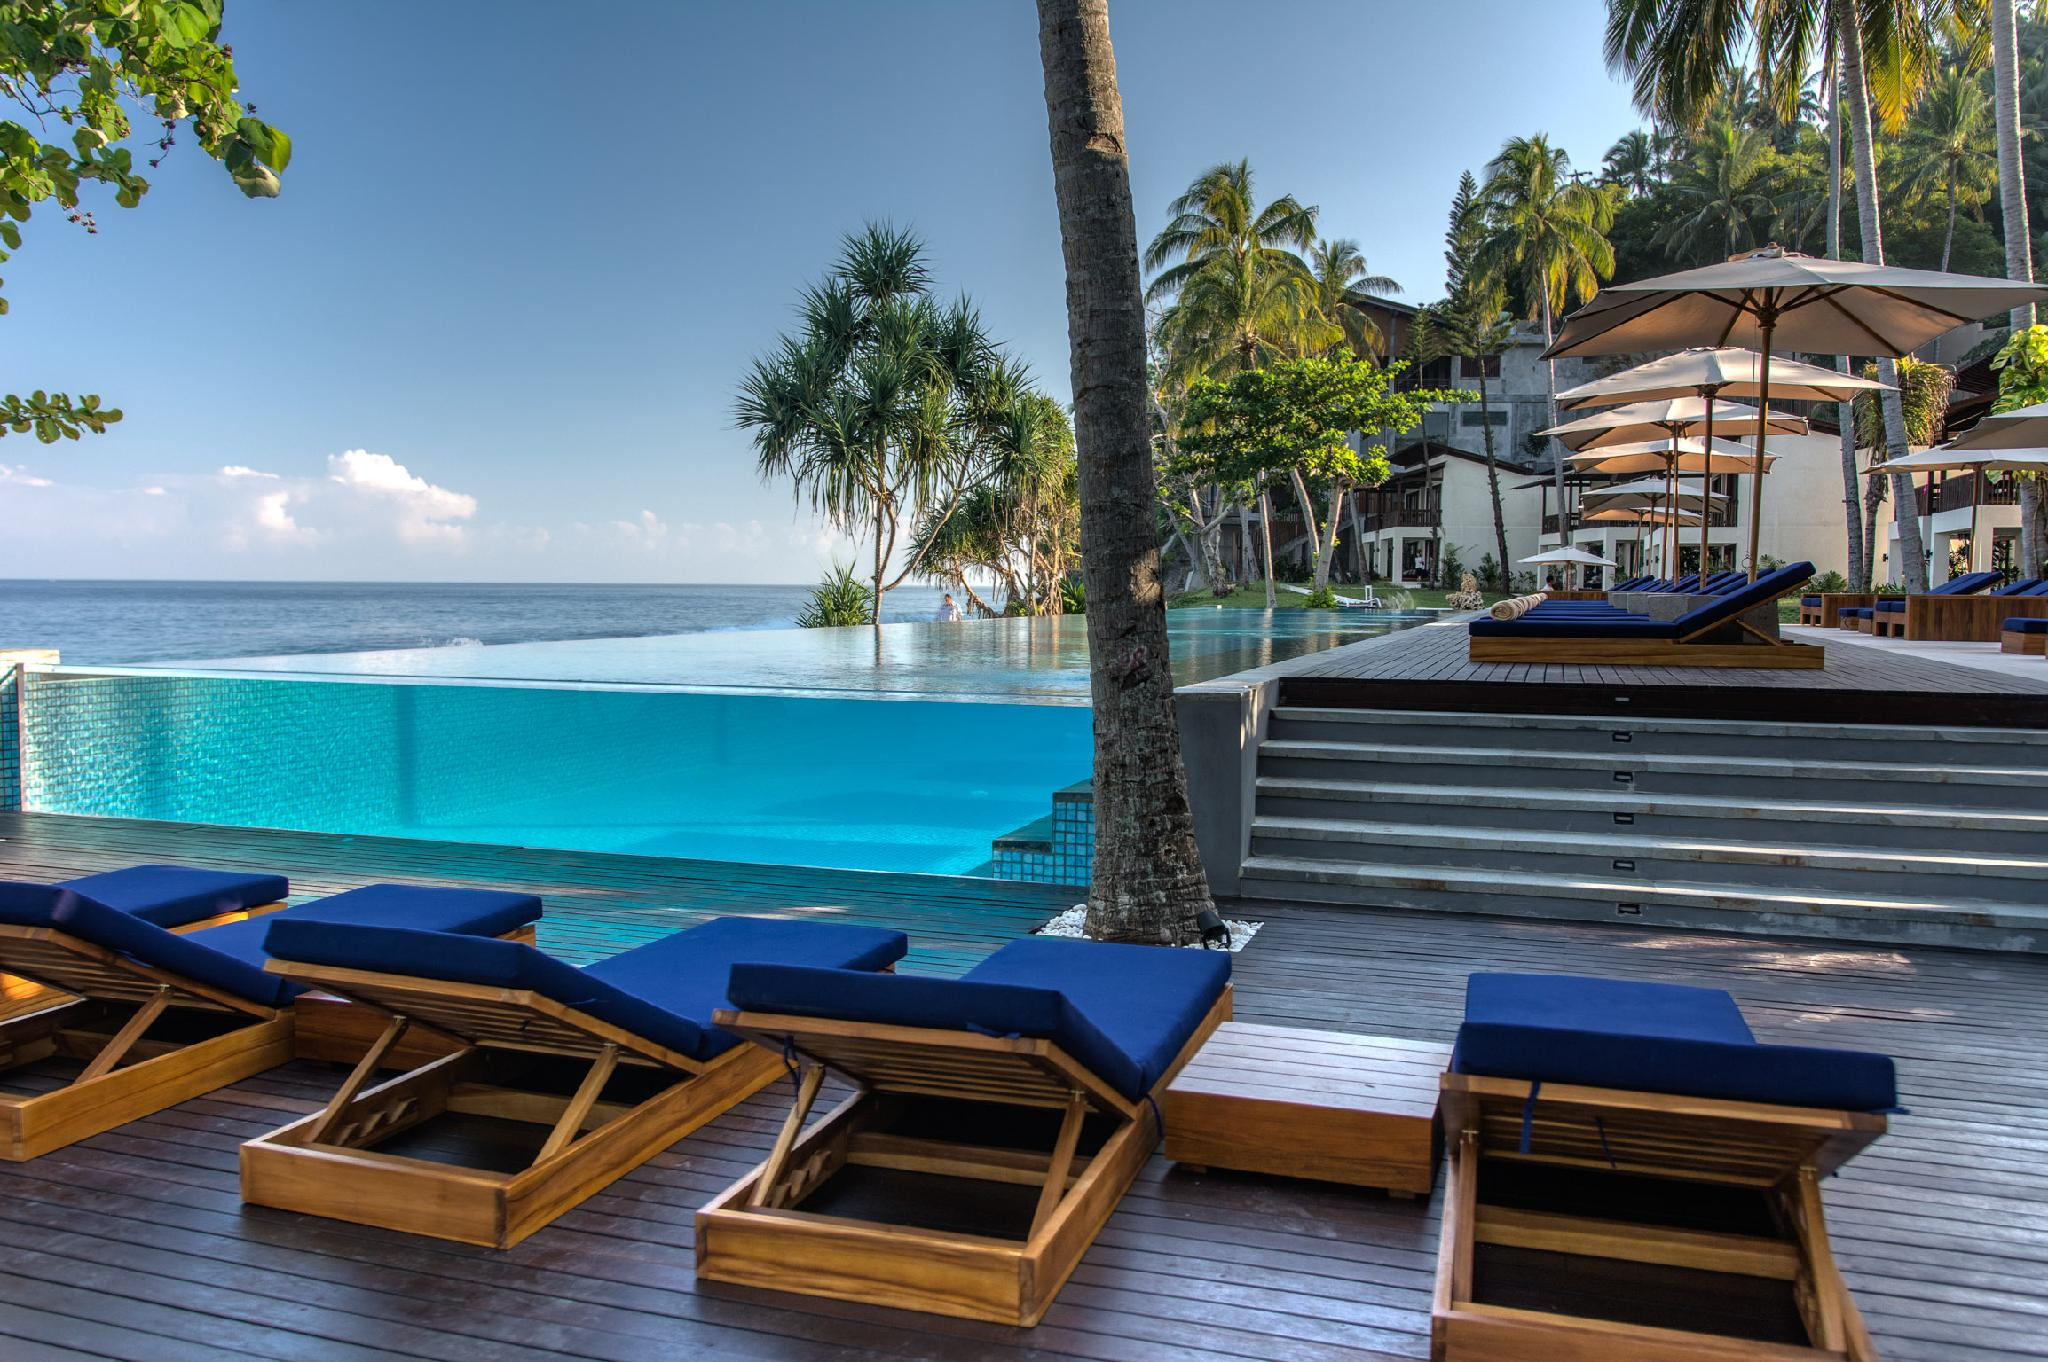 Katamaran Hotel And Resort